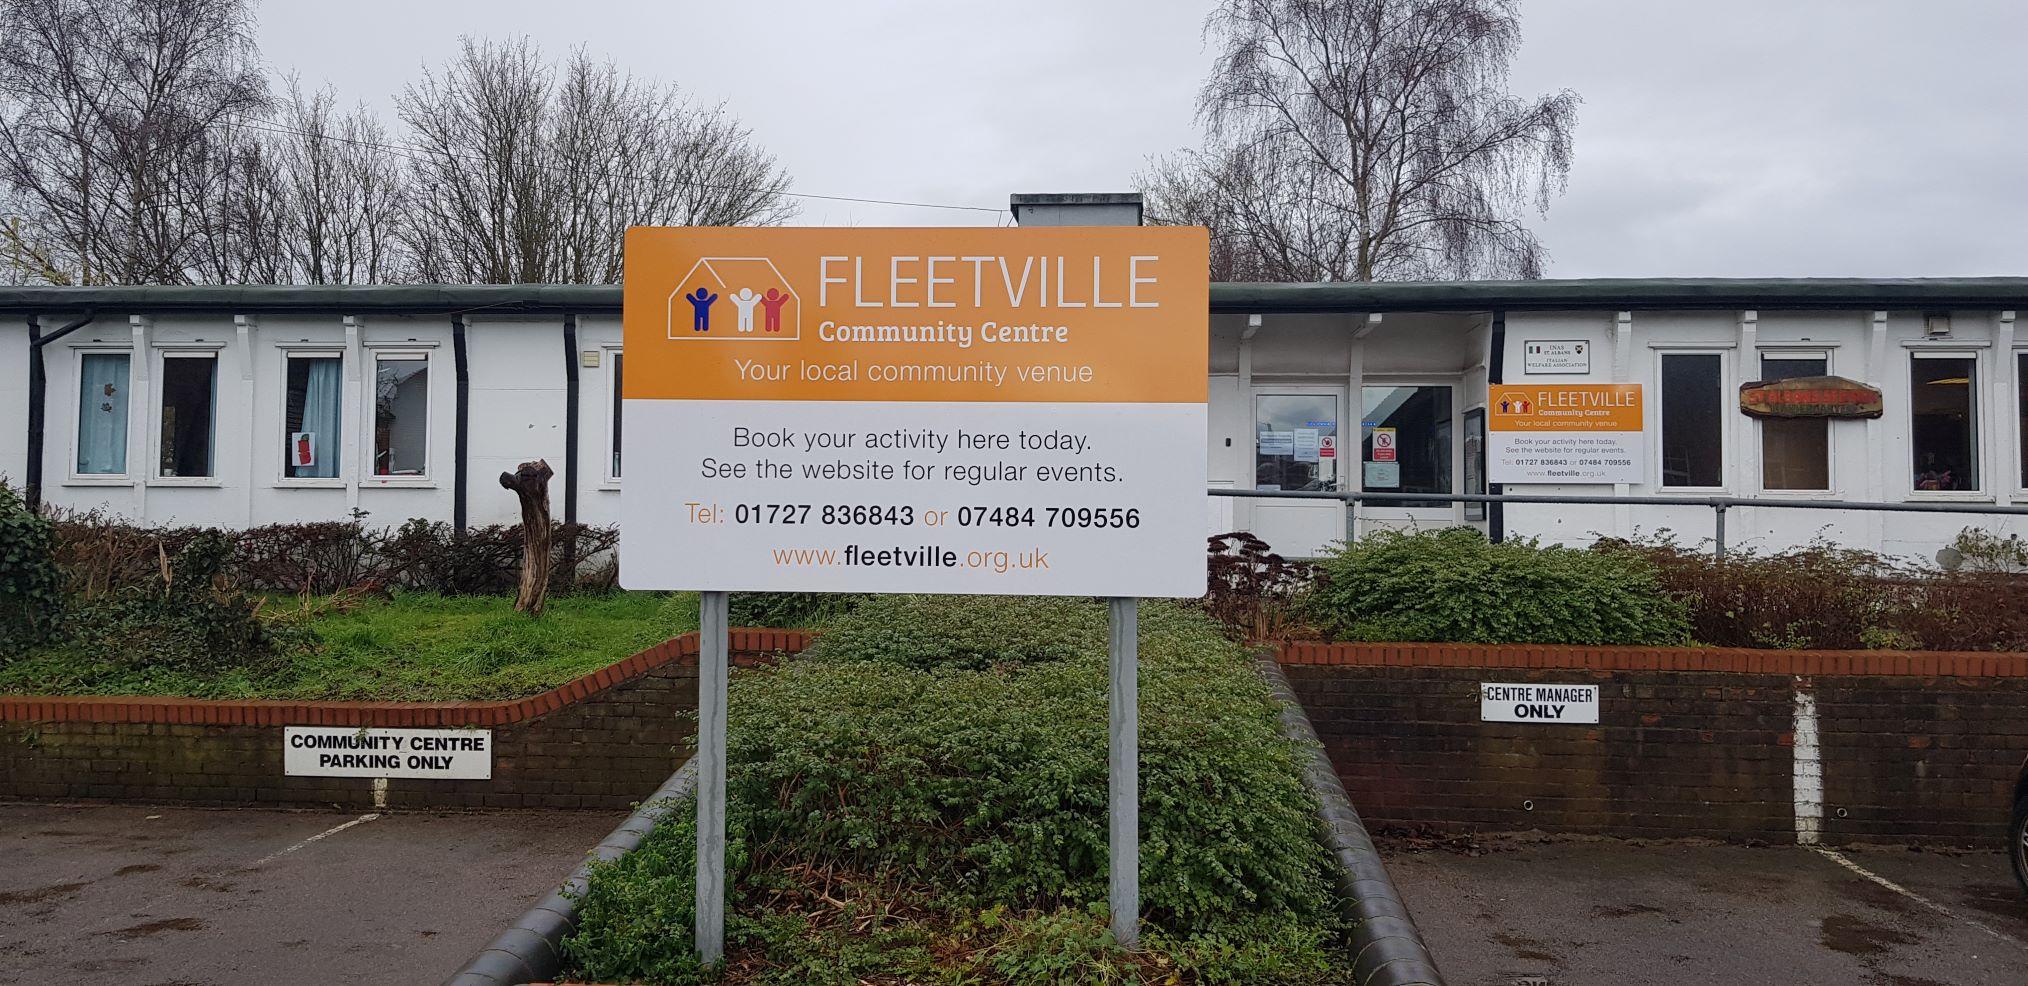 Fleetville Community Centre.jpg